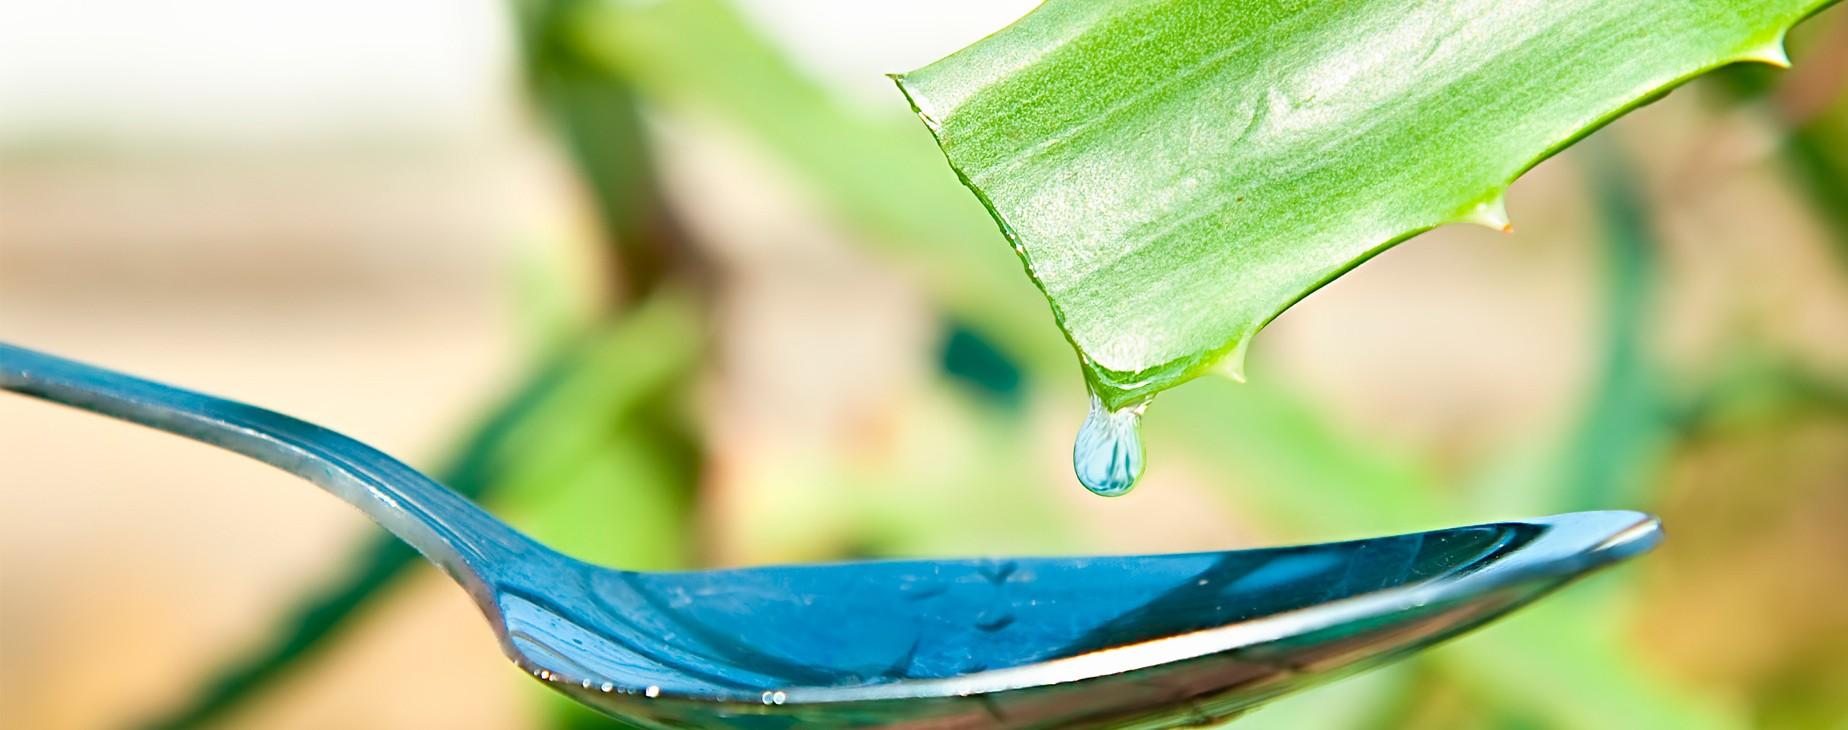 Beneficios del aloe vera apra la salud